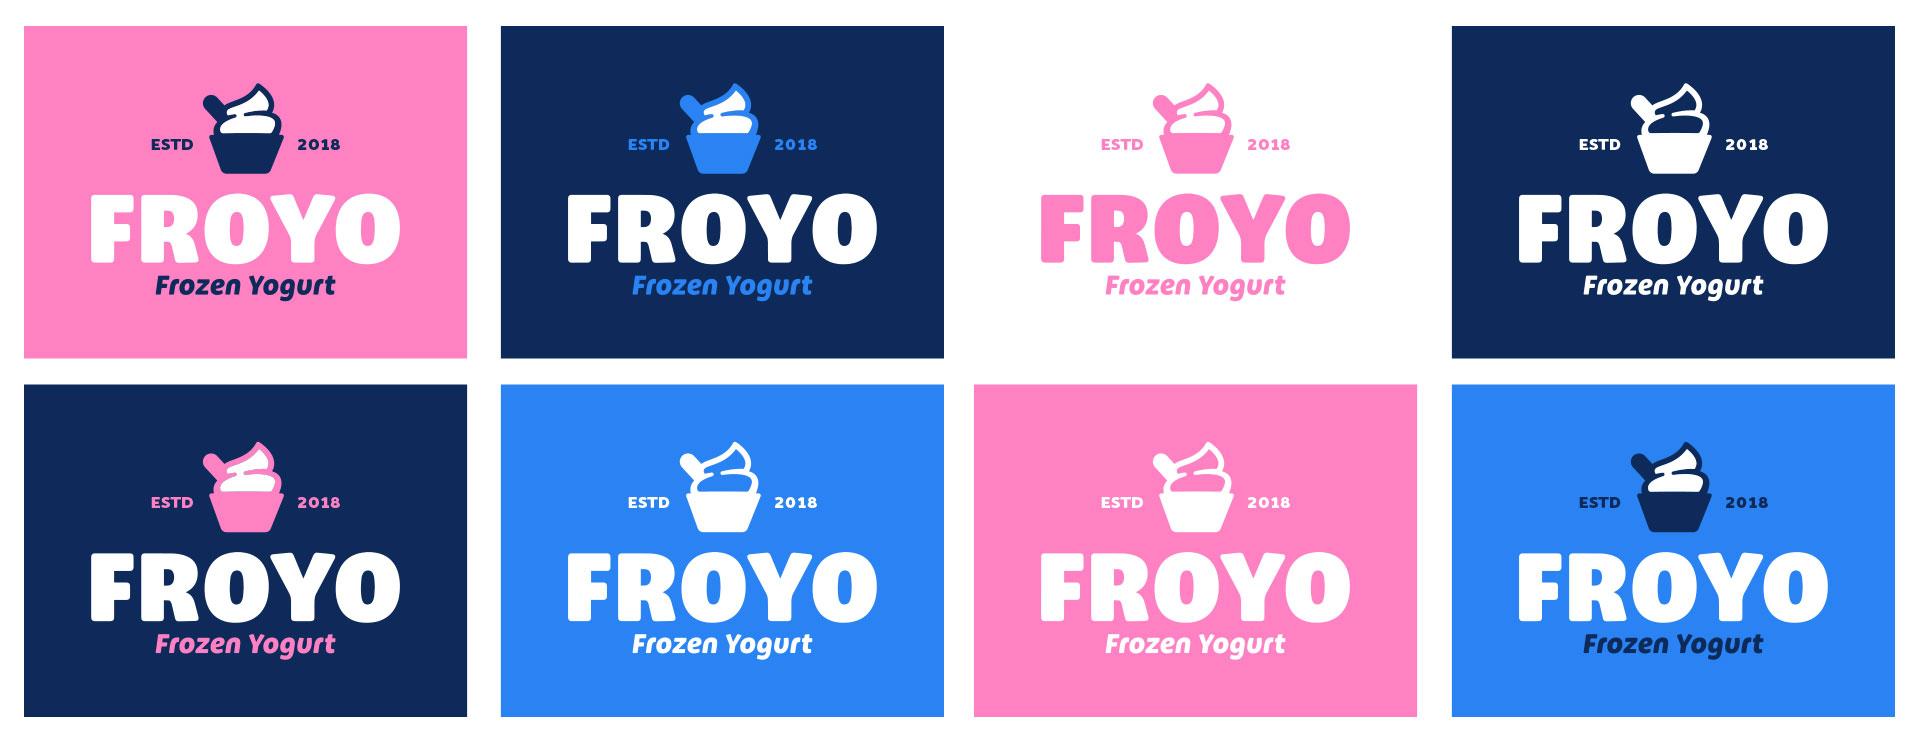 RockyRoark_Froyo_3.jpg